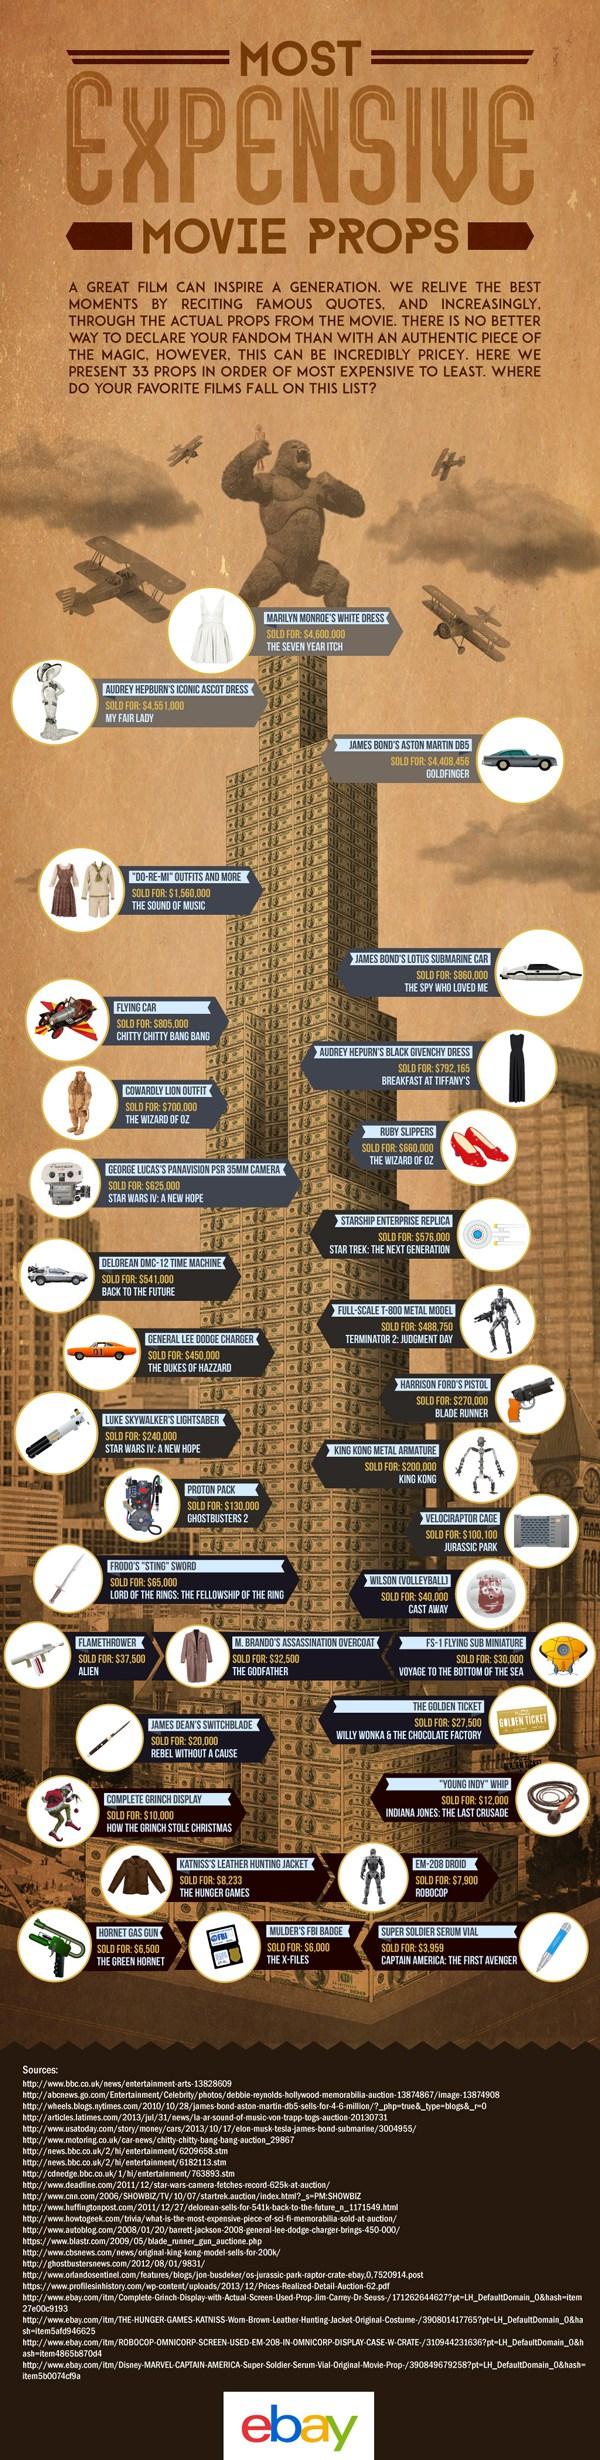 Инфографика  Самые дорогие костюмы и декорации из фильмов